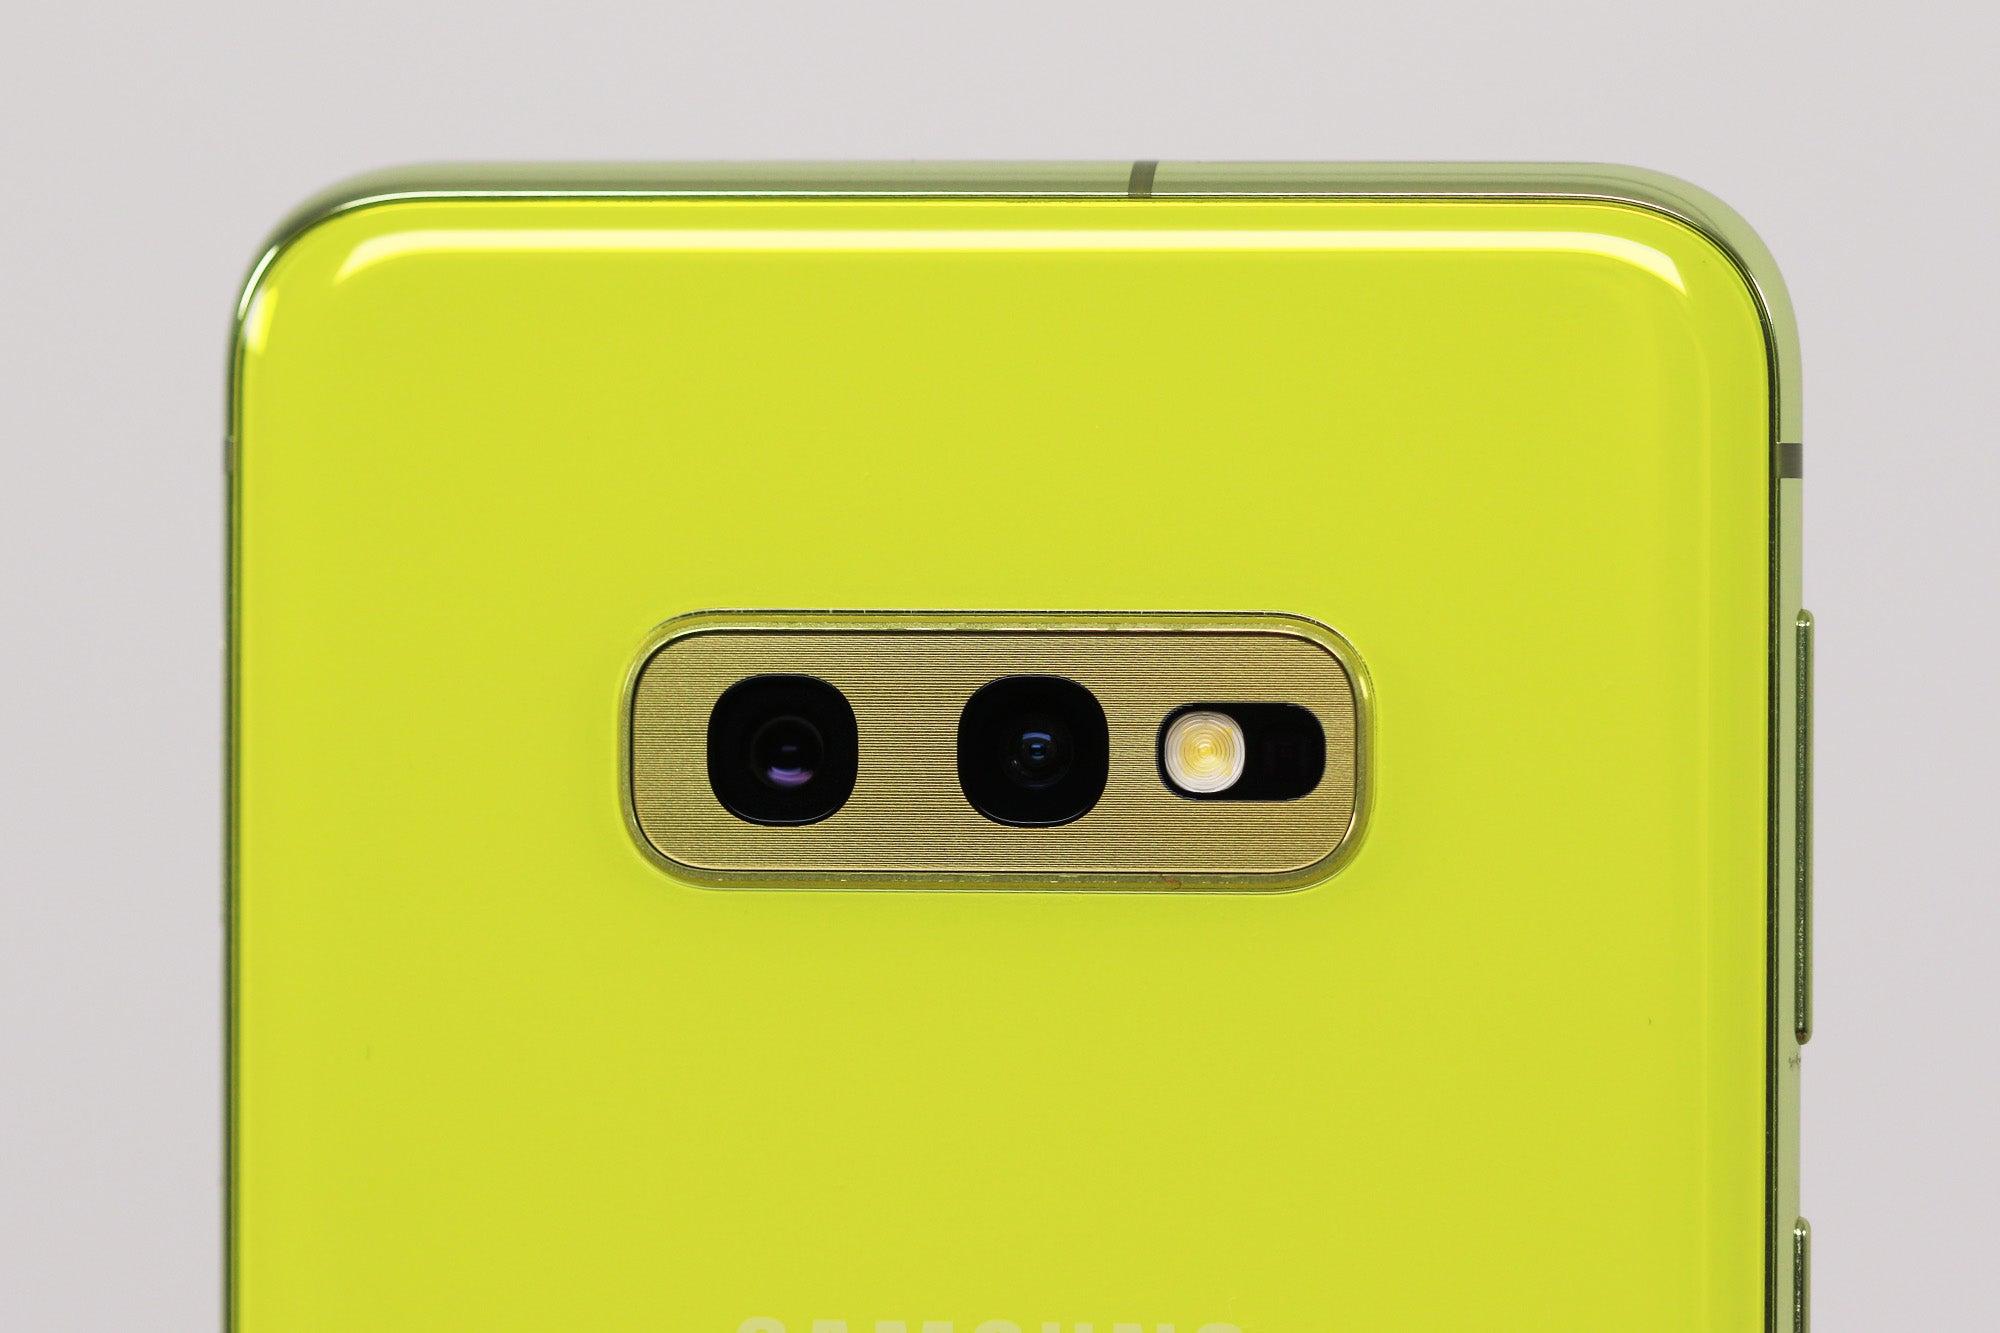 Samsung galaxy S10e camera